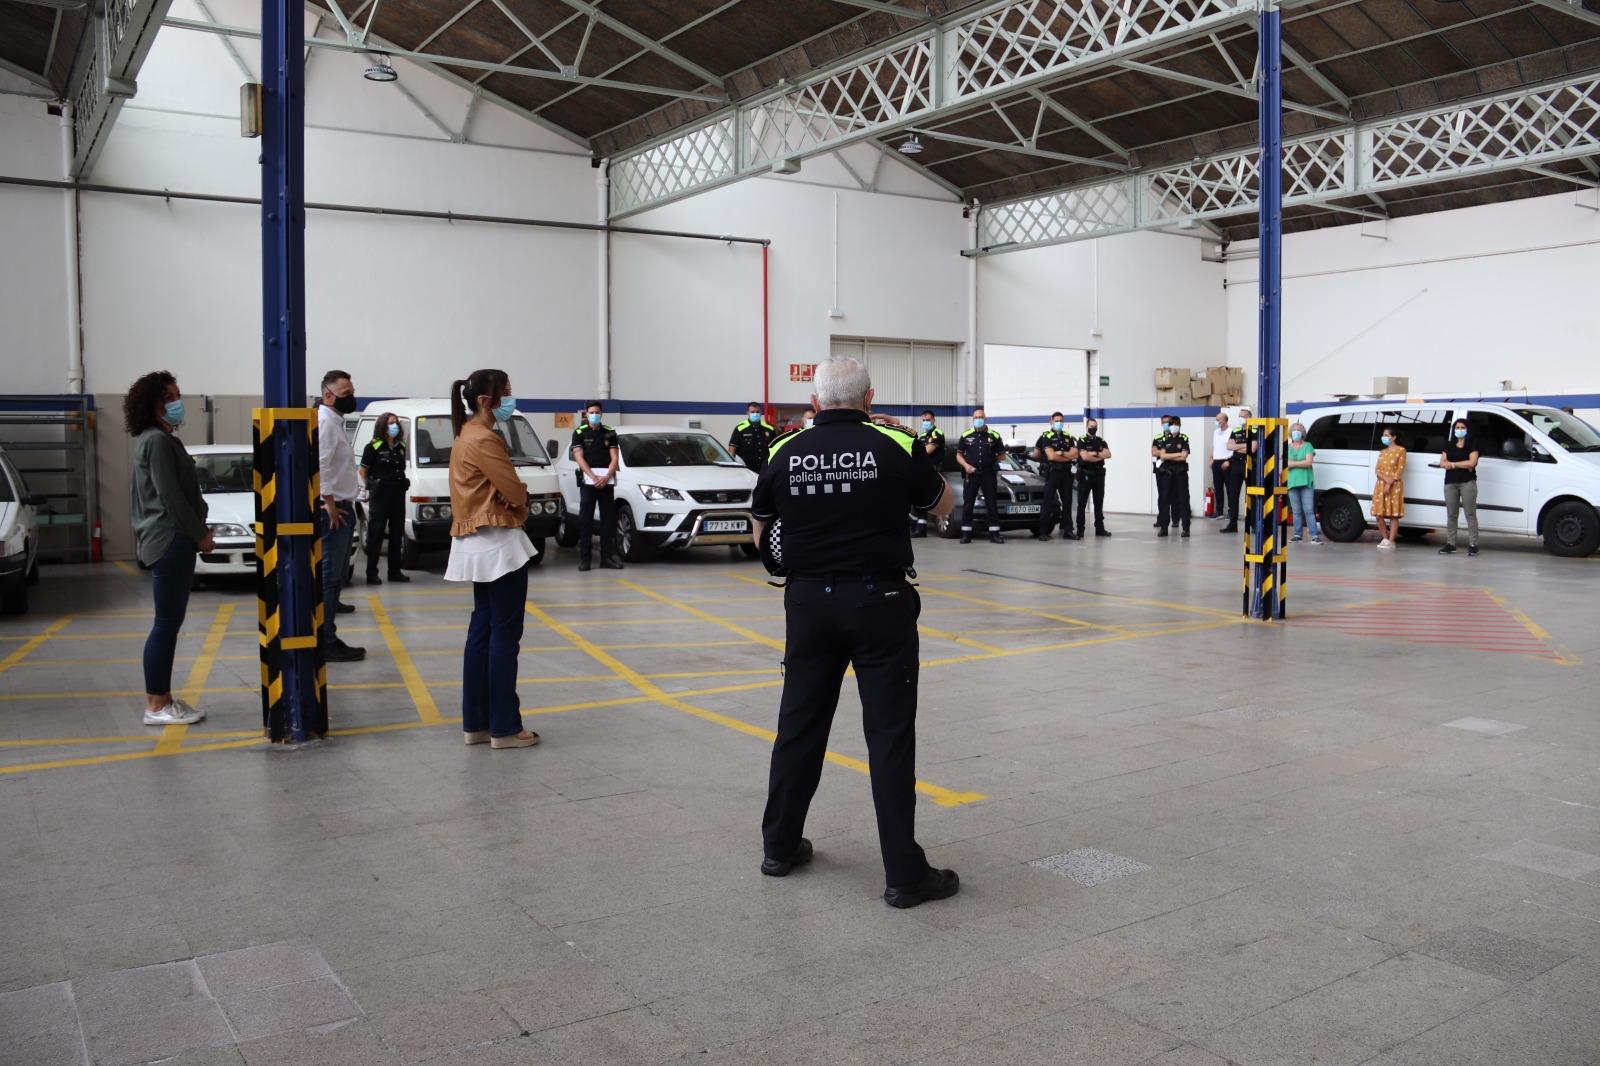 L'alcaldessa trasllada als membres de la Policia Municipal el reconeixement a la feina com a servei essencial davant la Covid-19